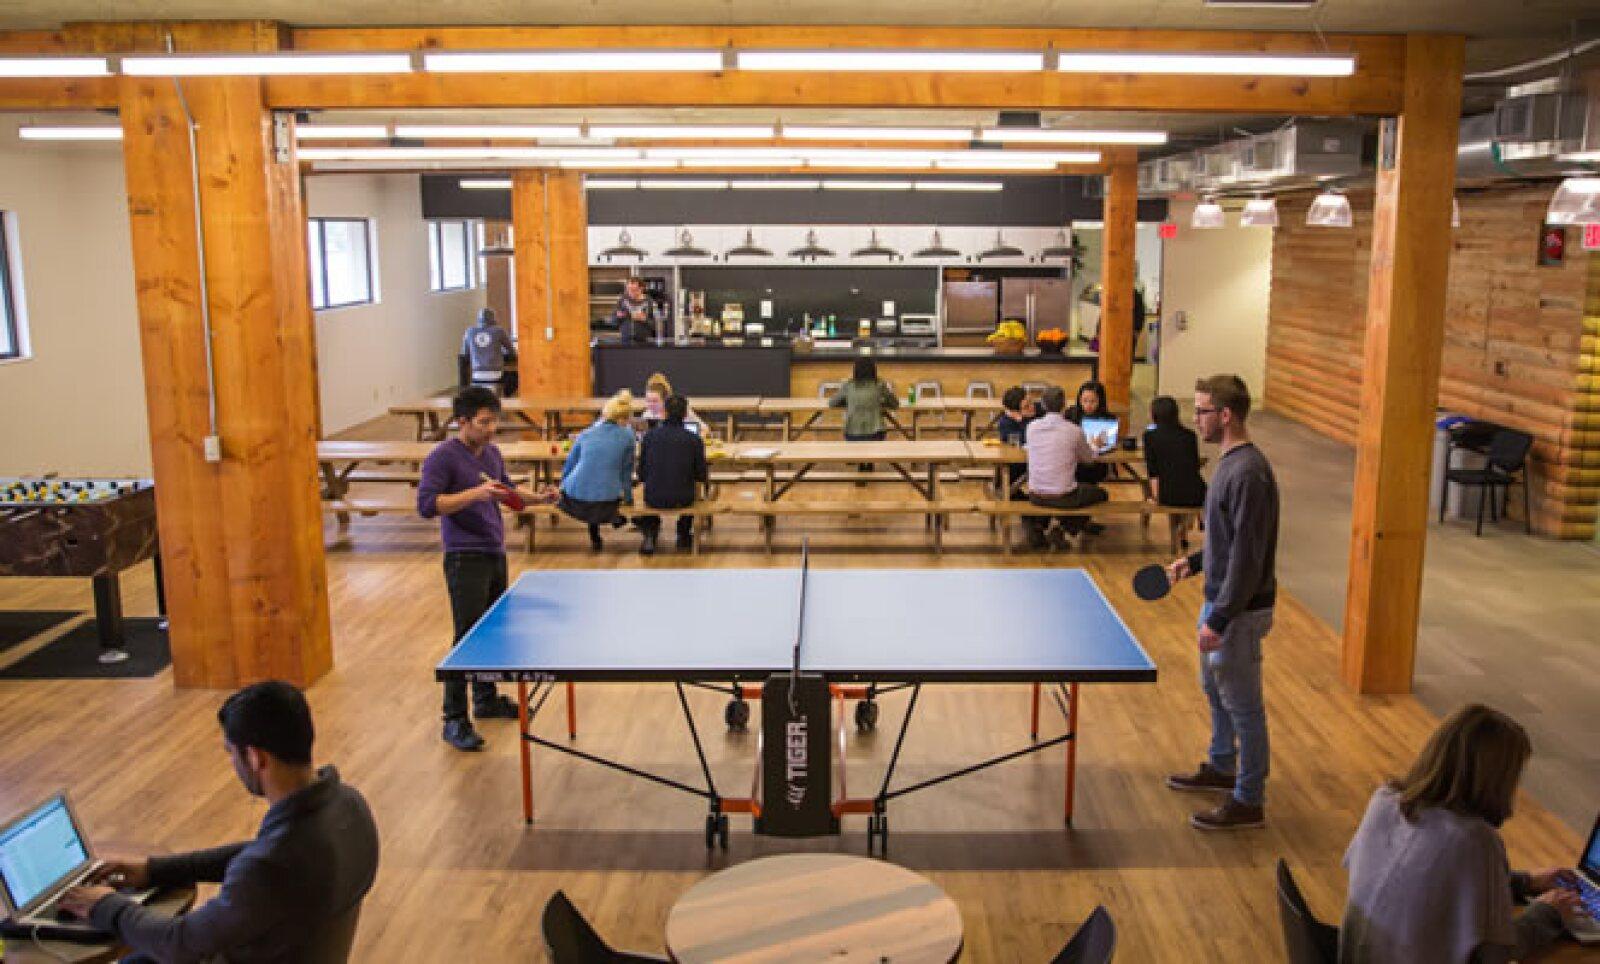 El comedor cuenta con mesa de ping pong y futbolito